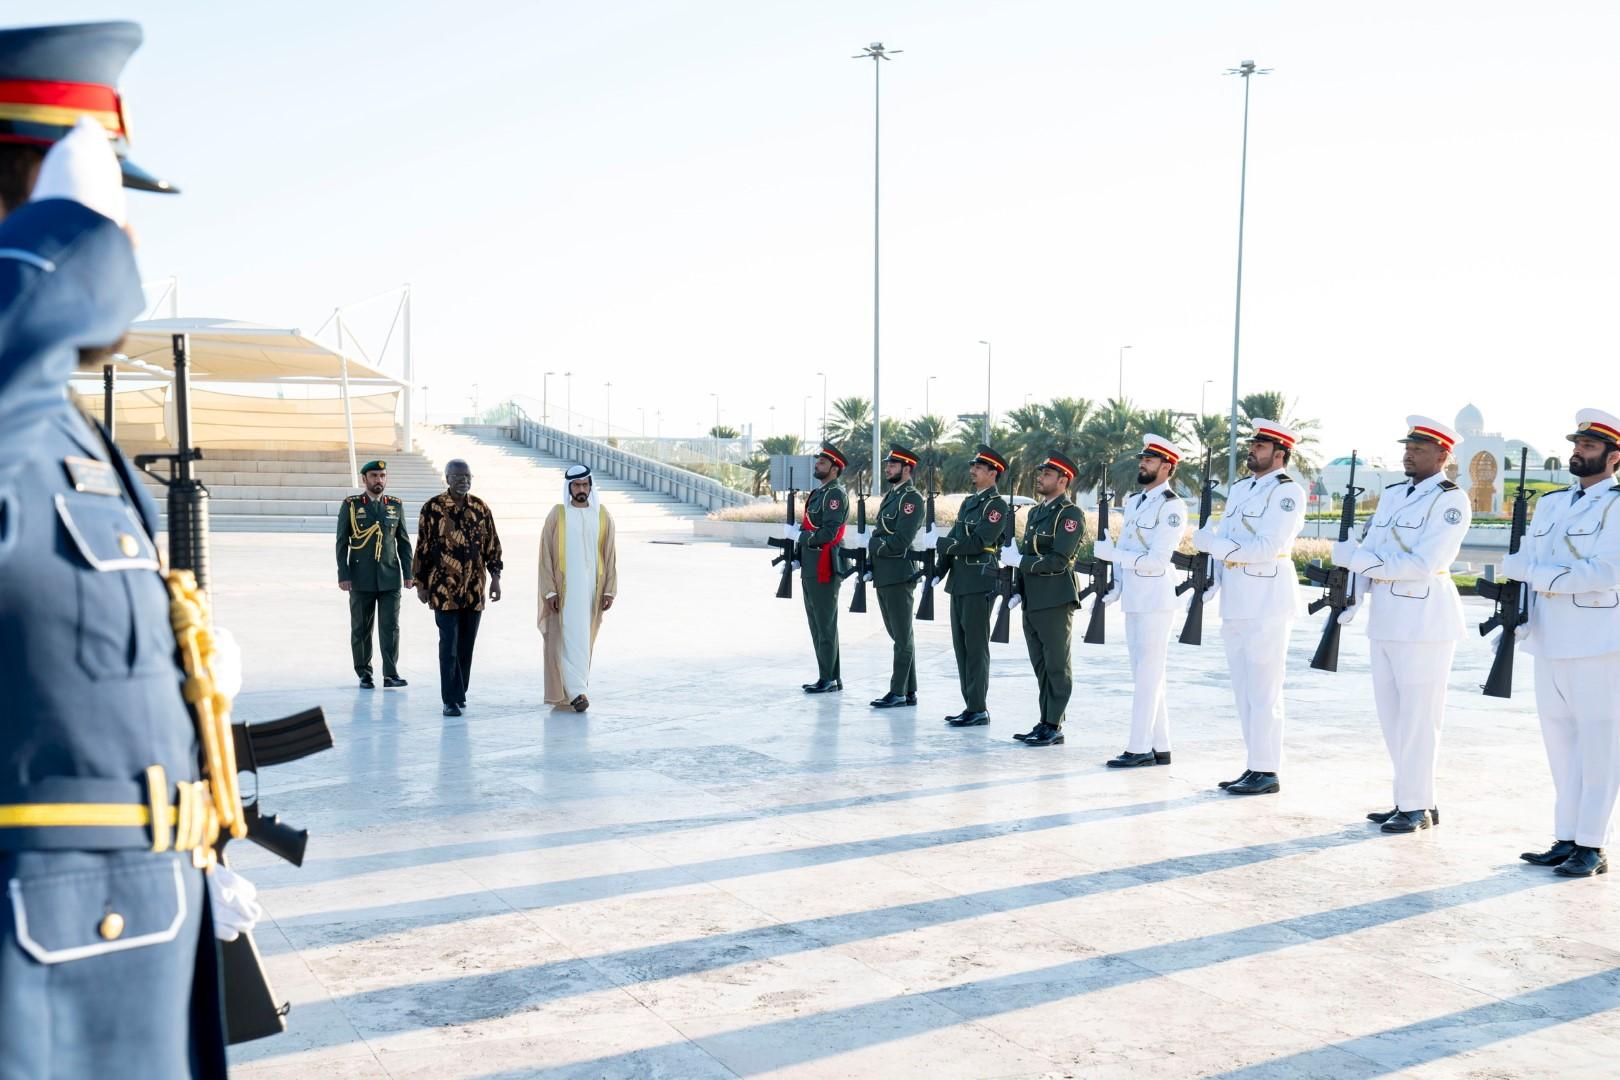 نائب رئیس الوزراء الأوغندي يزور واحة الكرامة